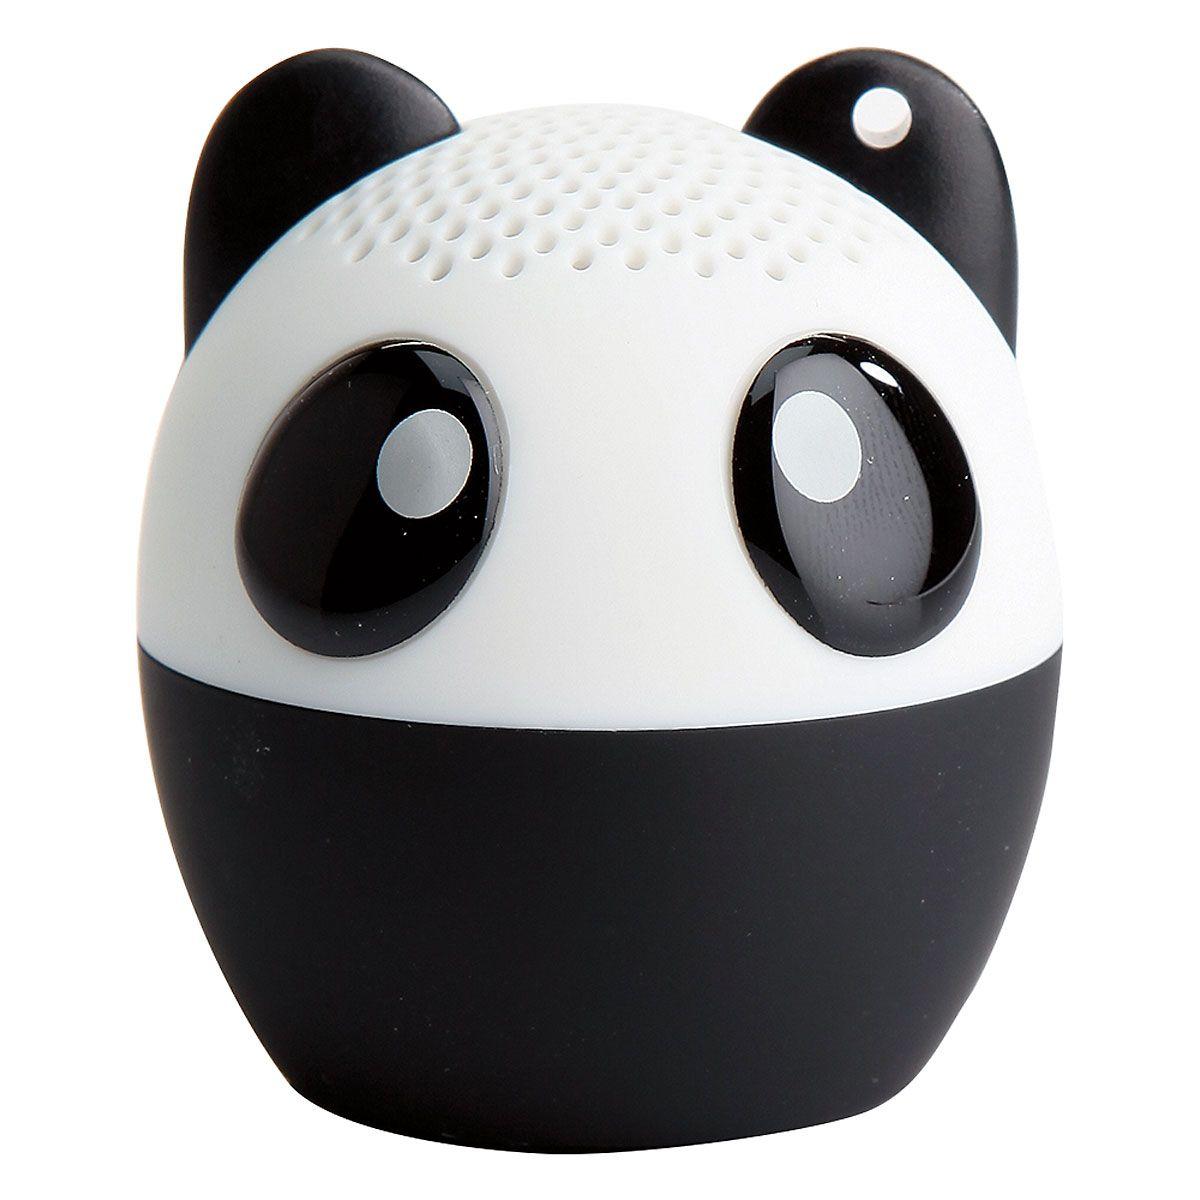 Panda Portable Wireless Speaker